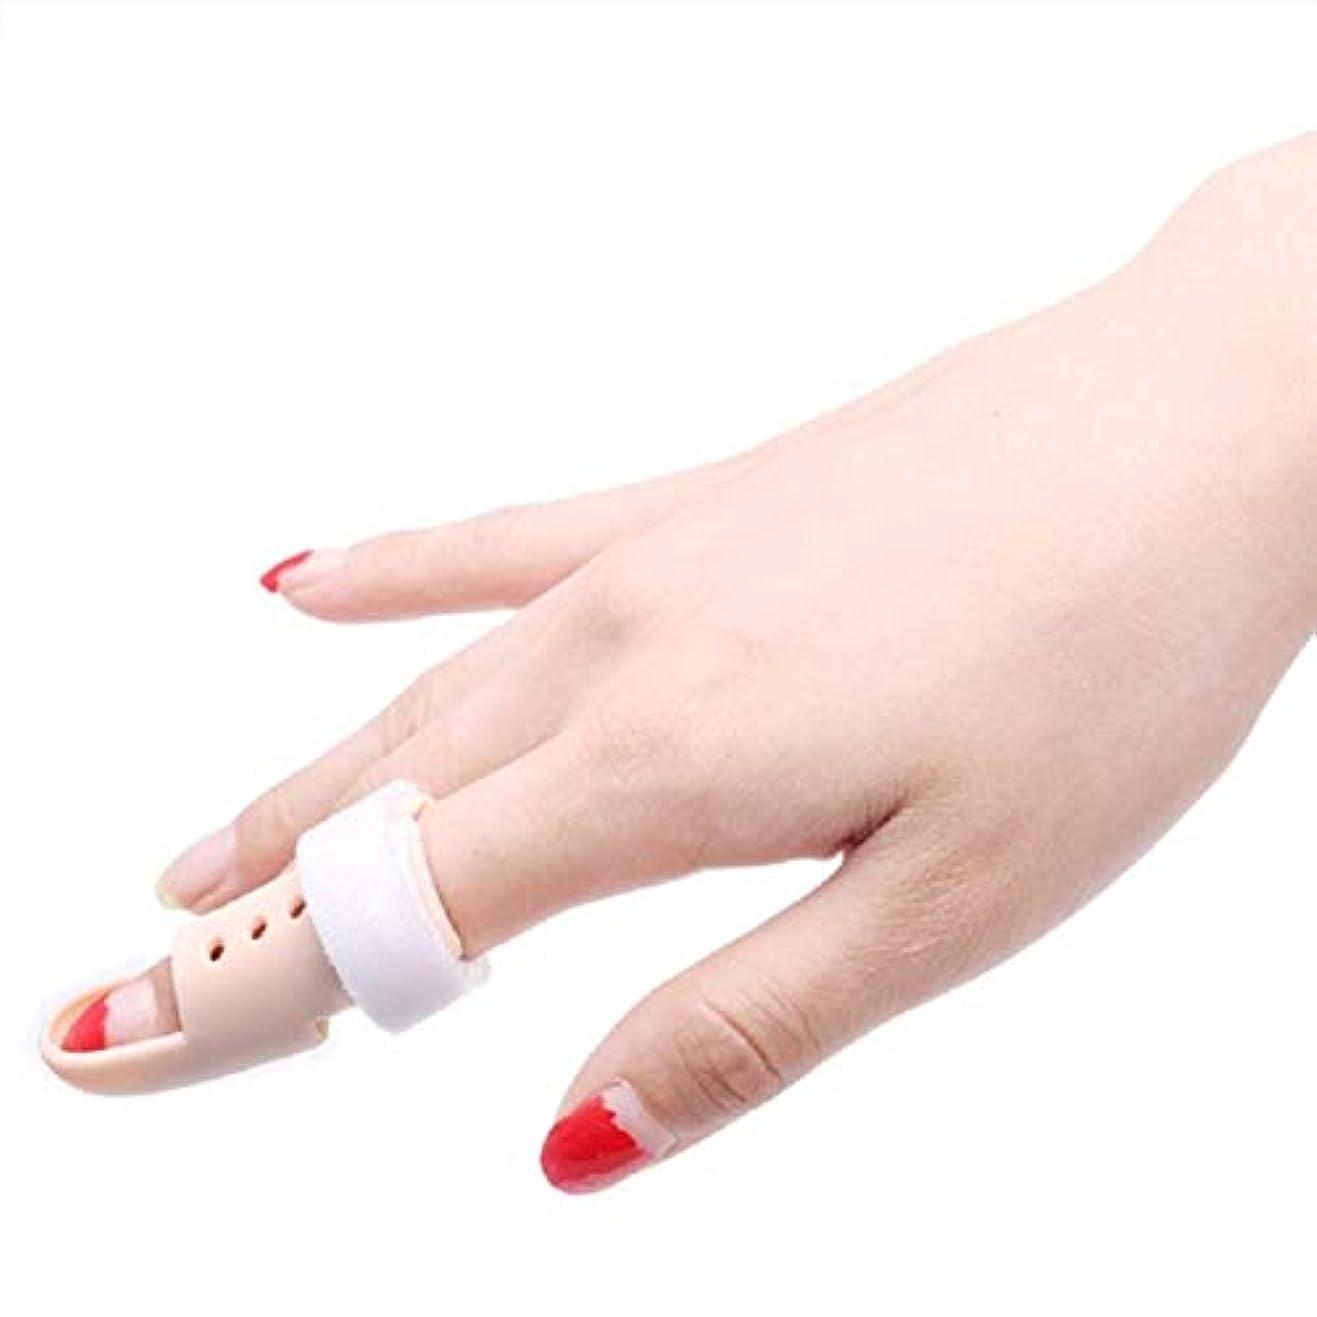 マーベル祭司厚いスプリント指、指セパレーター、指の指セパレーターインソール、軽量、通気性、拘束安定AND NOT、両手に適合、ばね指のスプリント (Size : XL)